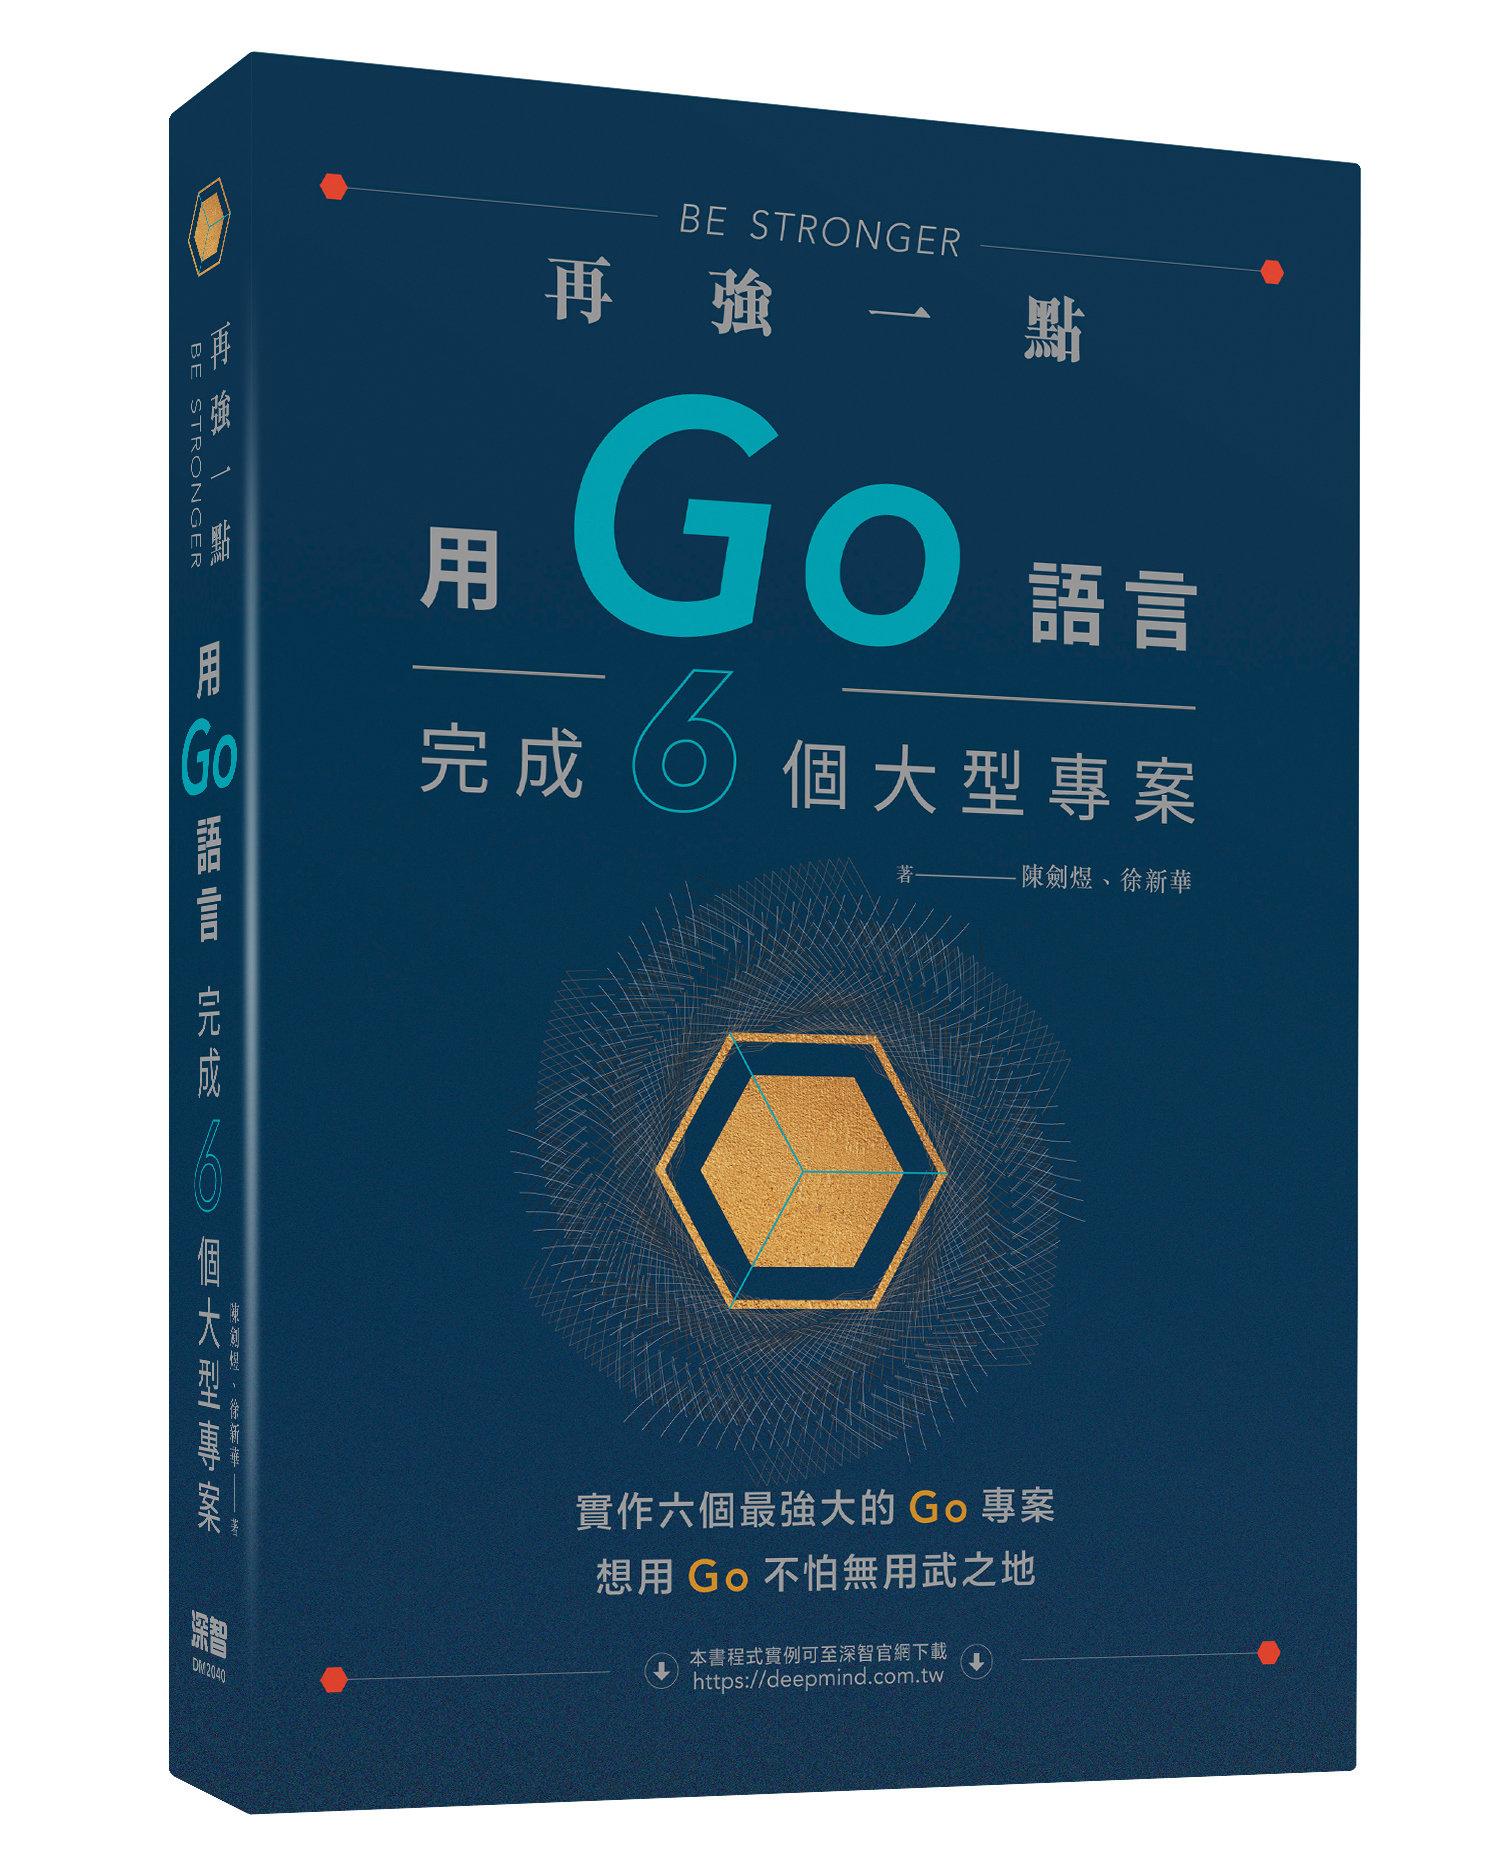 再強一點:用 Go語言完成六個大型專案-preview-1